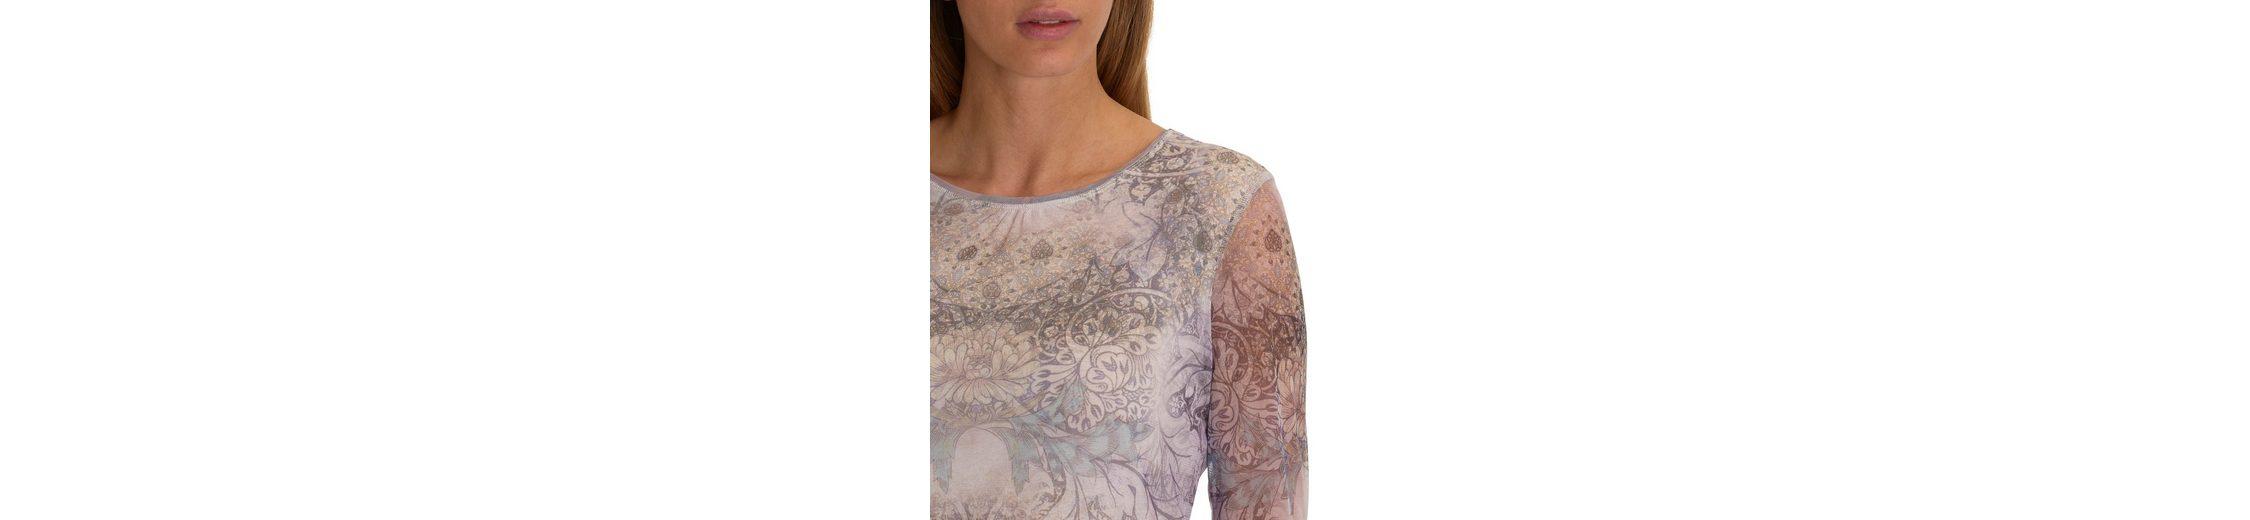 Spielraum Beliebt Betty Barclay Shirt mit Allover Muster Spielraum Heißen Verkauf Billig Verkauf 100% Garantiert NYfRaht